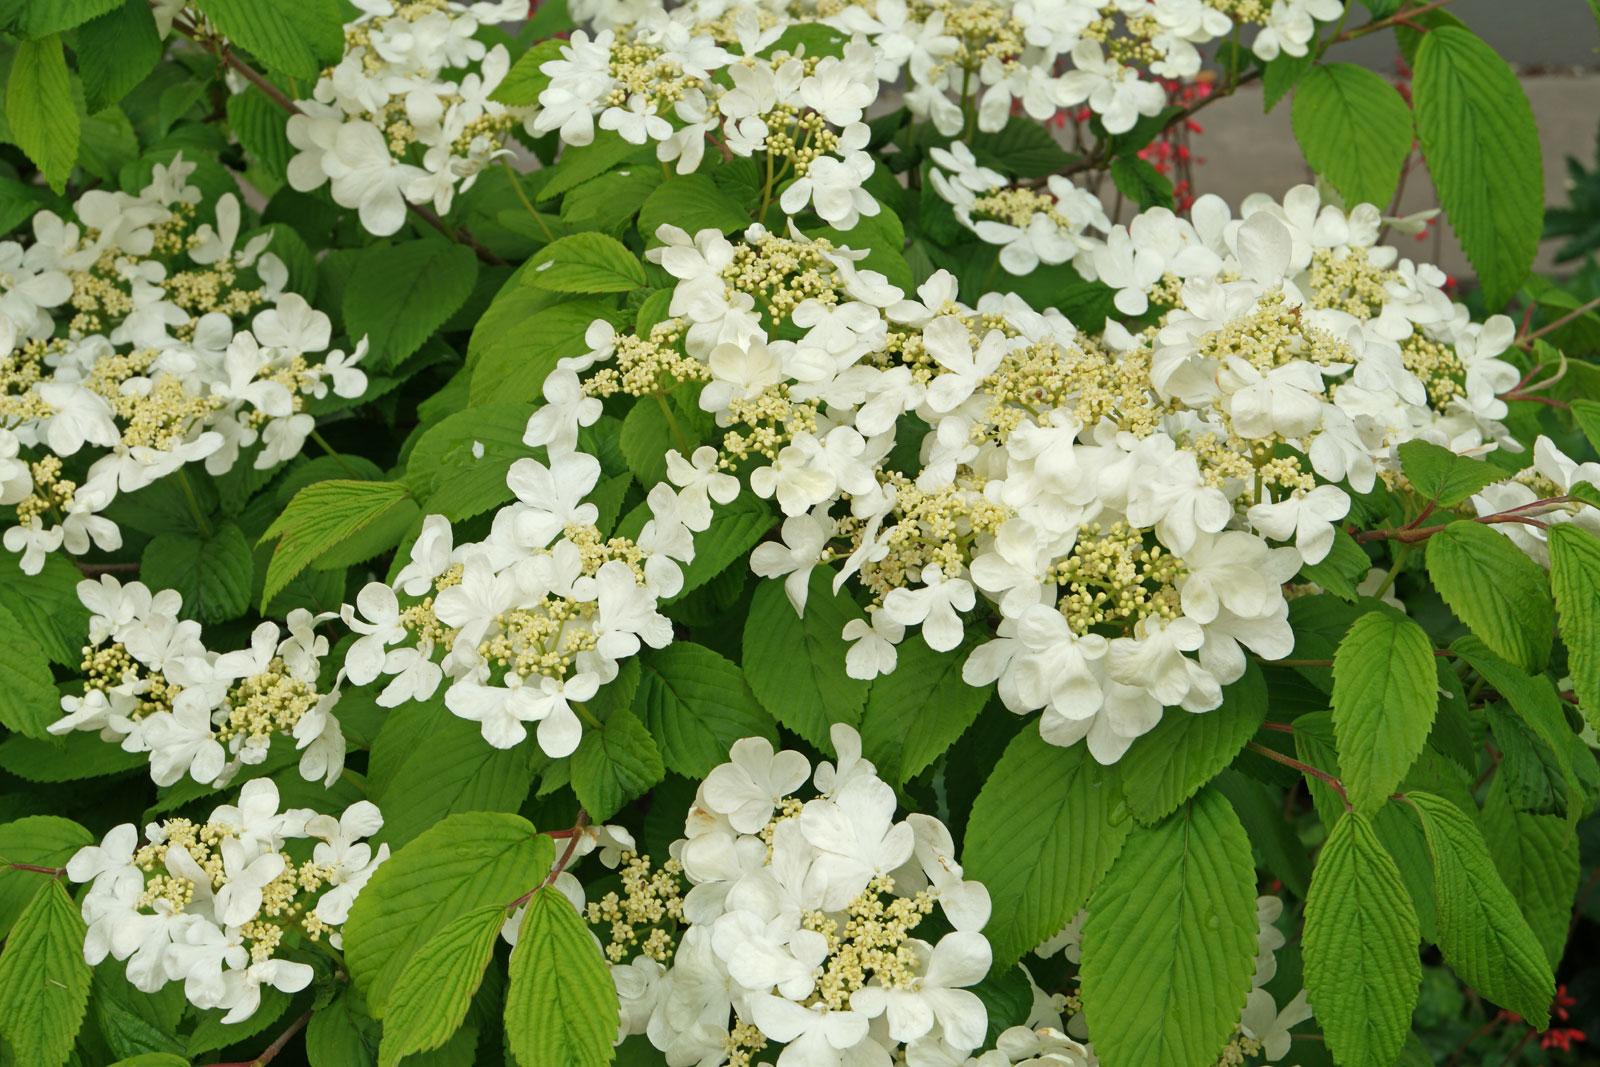 Viburnum plicatum